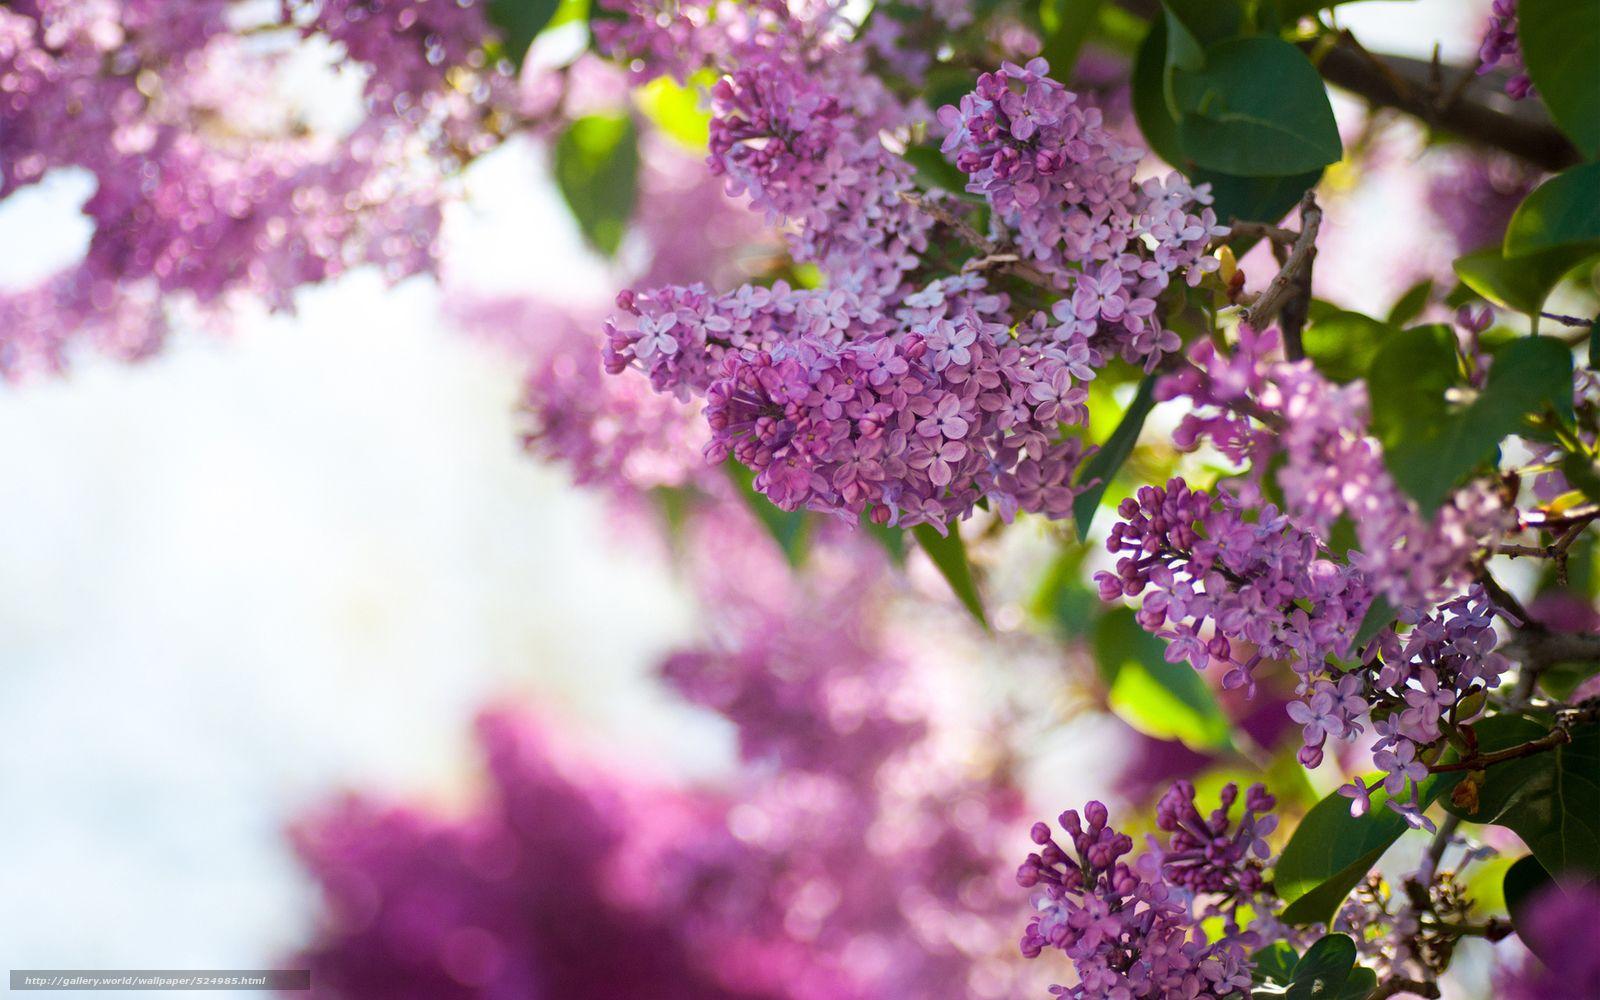 Tlcharger Fond D Ecran Fleurs Printemps Lilas Buisson Fonds D Ecran Gratuits Pour Votre Rsolution Du Bureau 1920x1200 Image Arbre Lilas Lilas Fleur Lilas